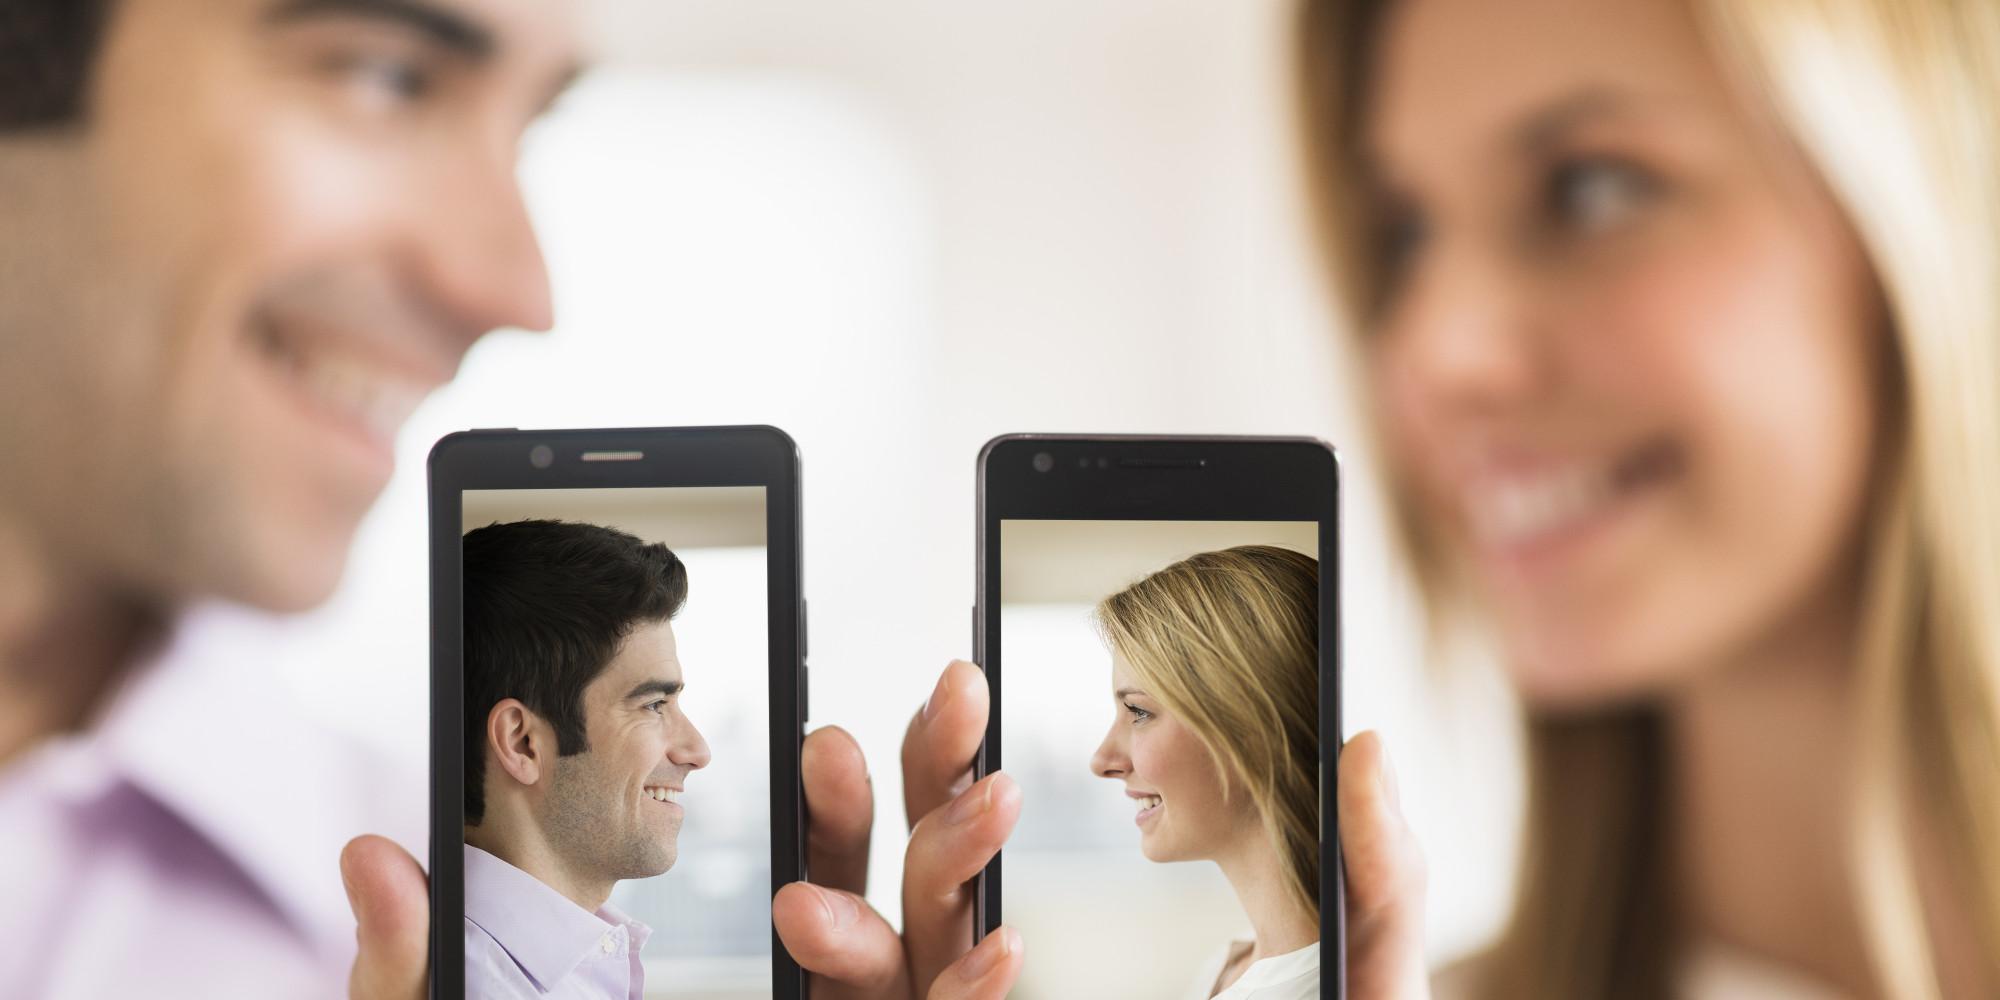 qpid network app